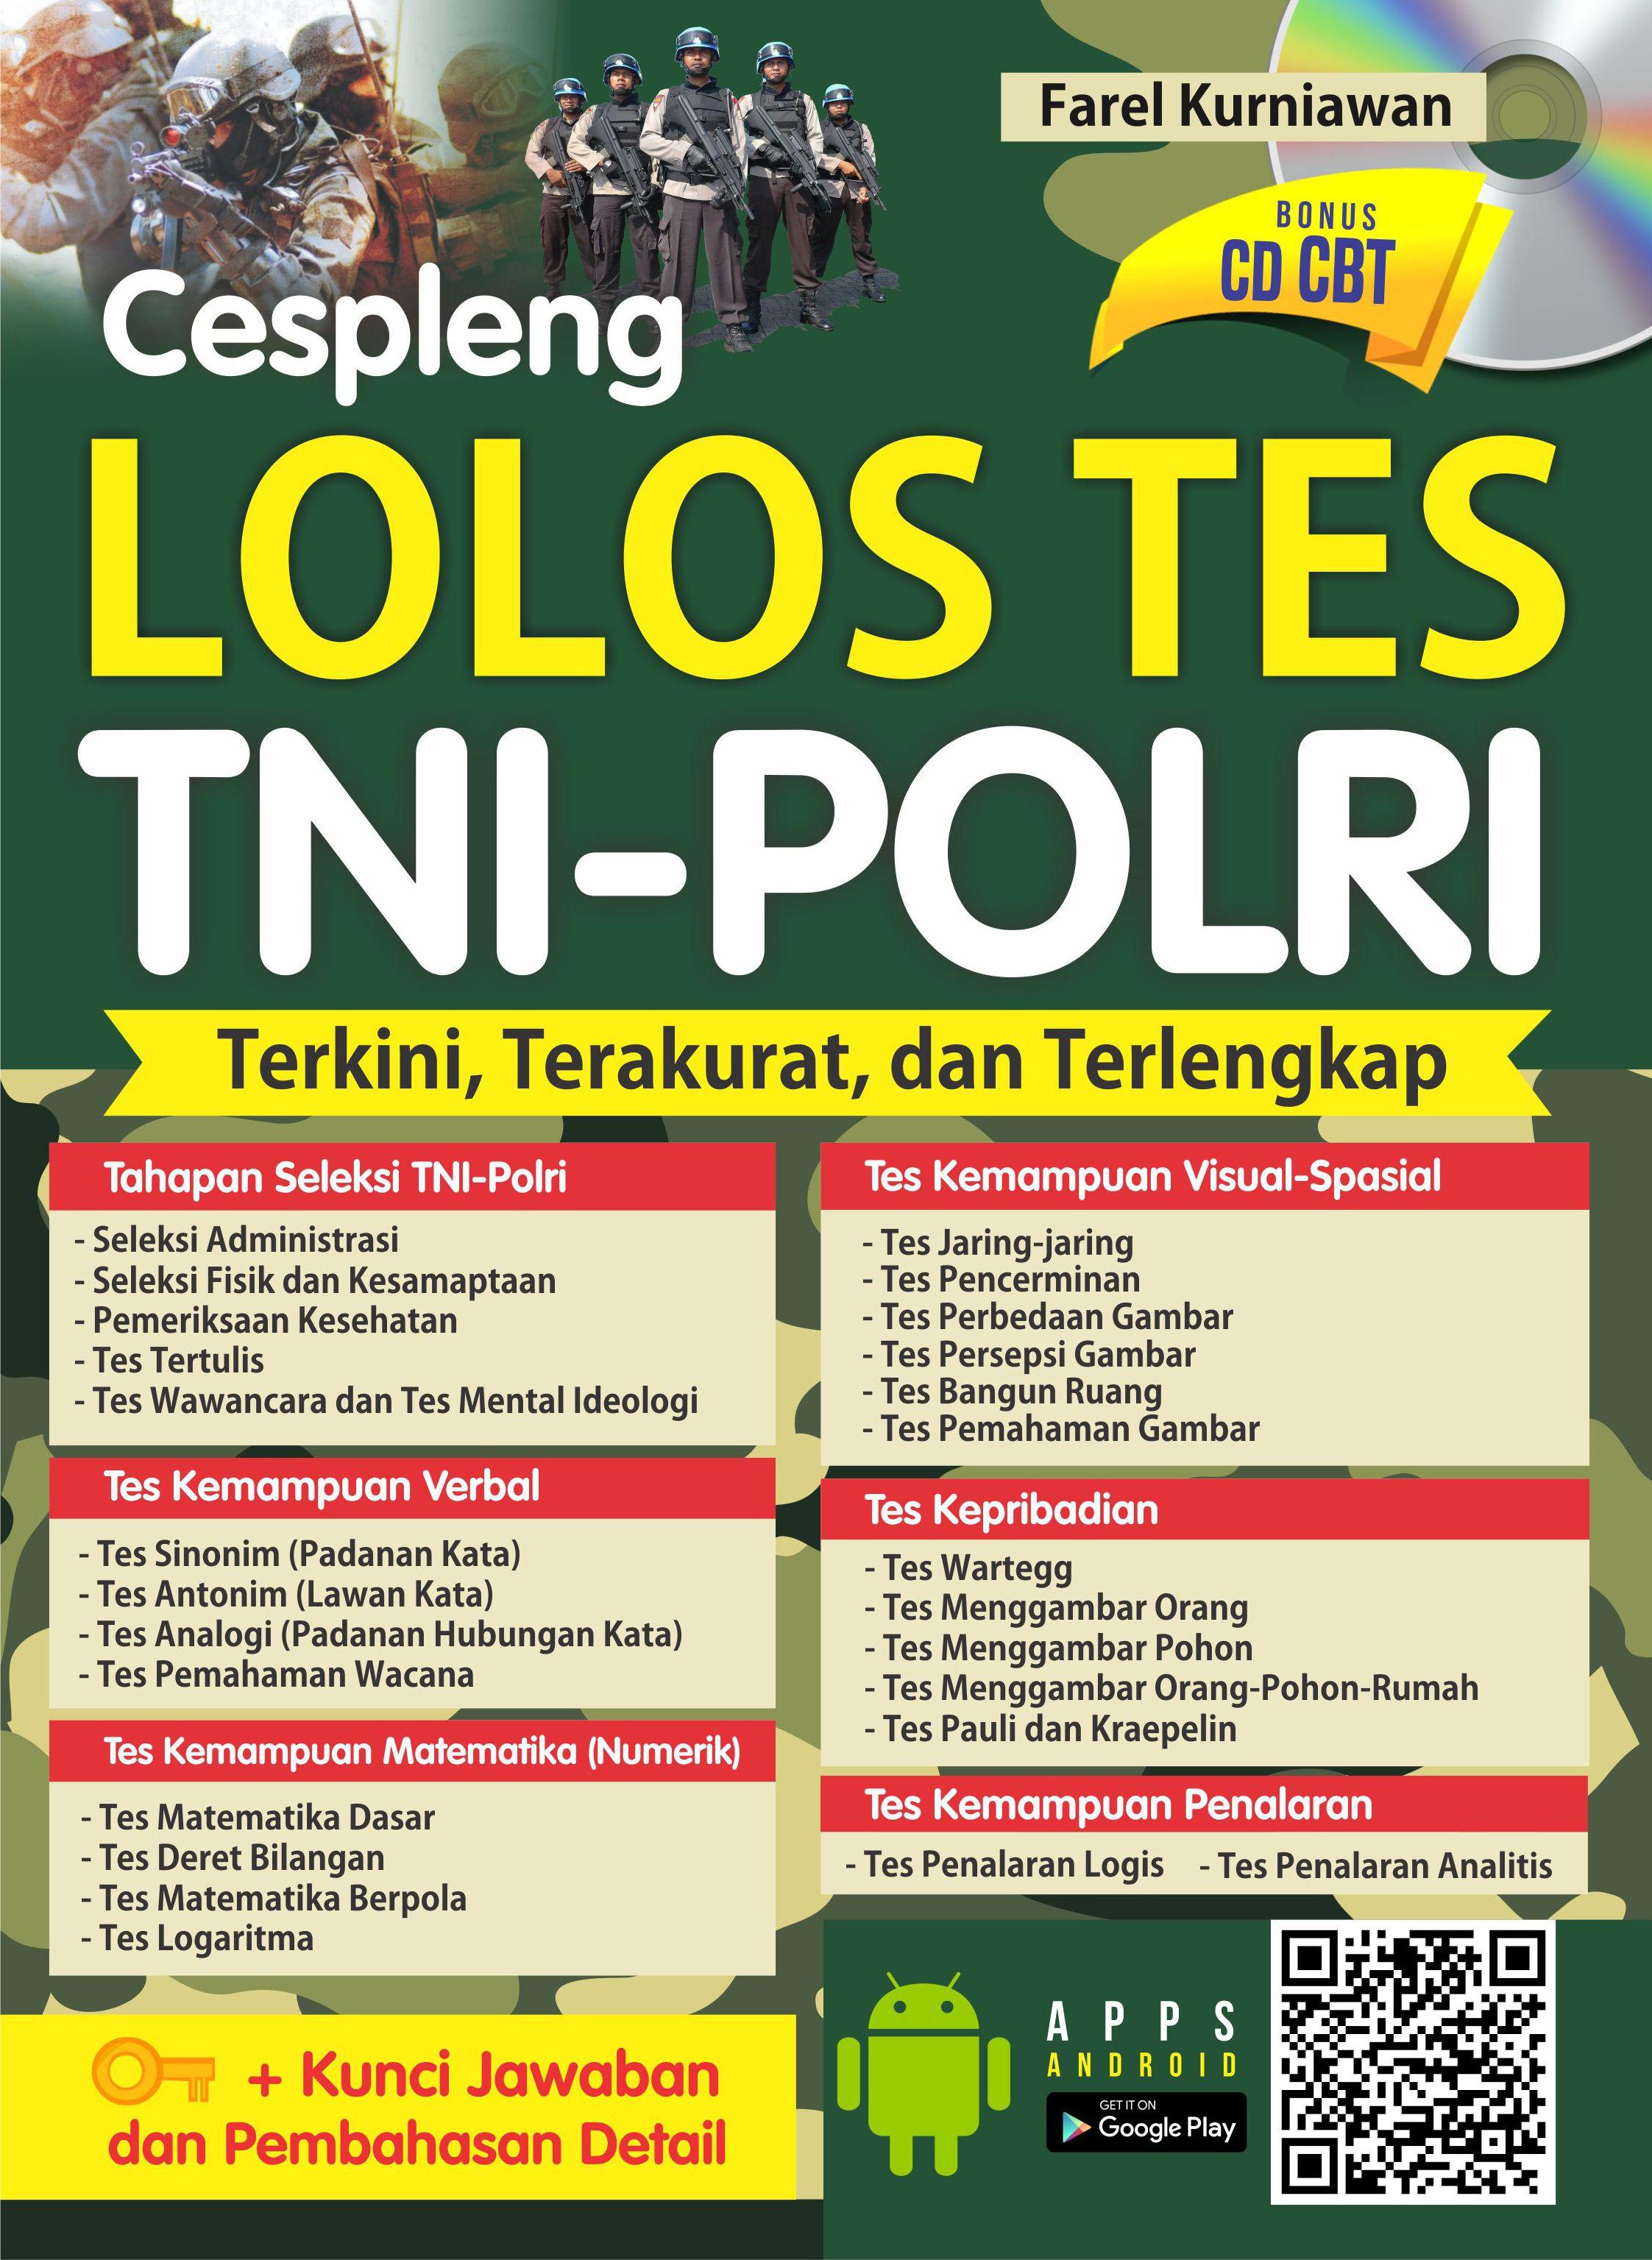 Cespleng lolos tes TNI-POLRI [sumber elektronis]